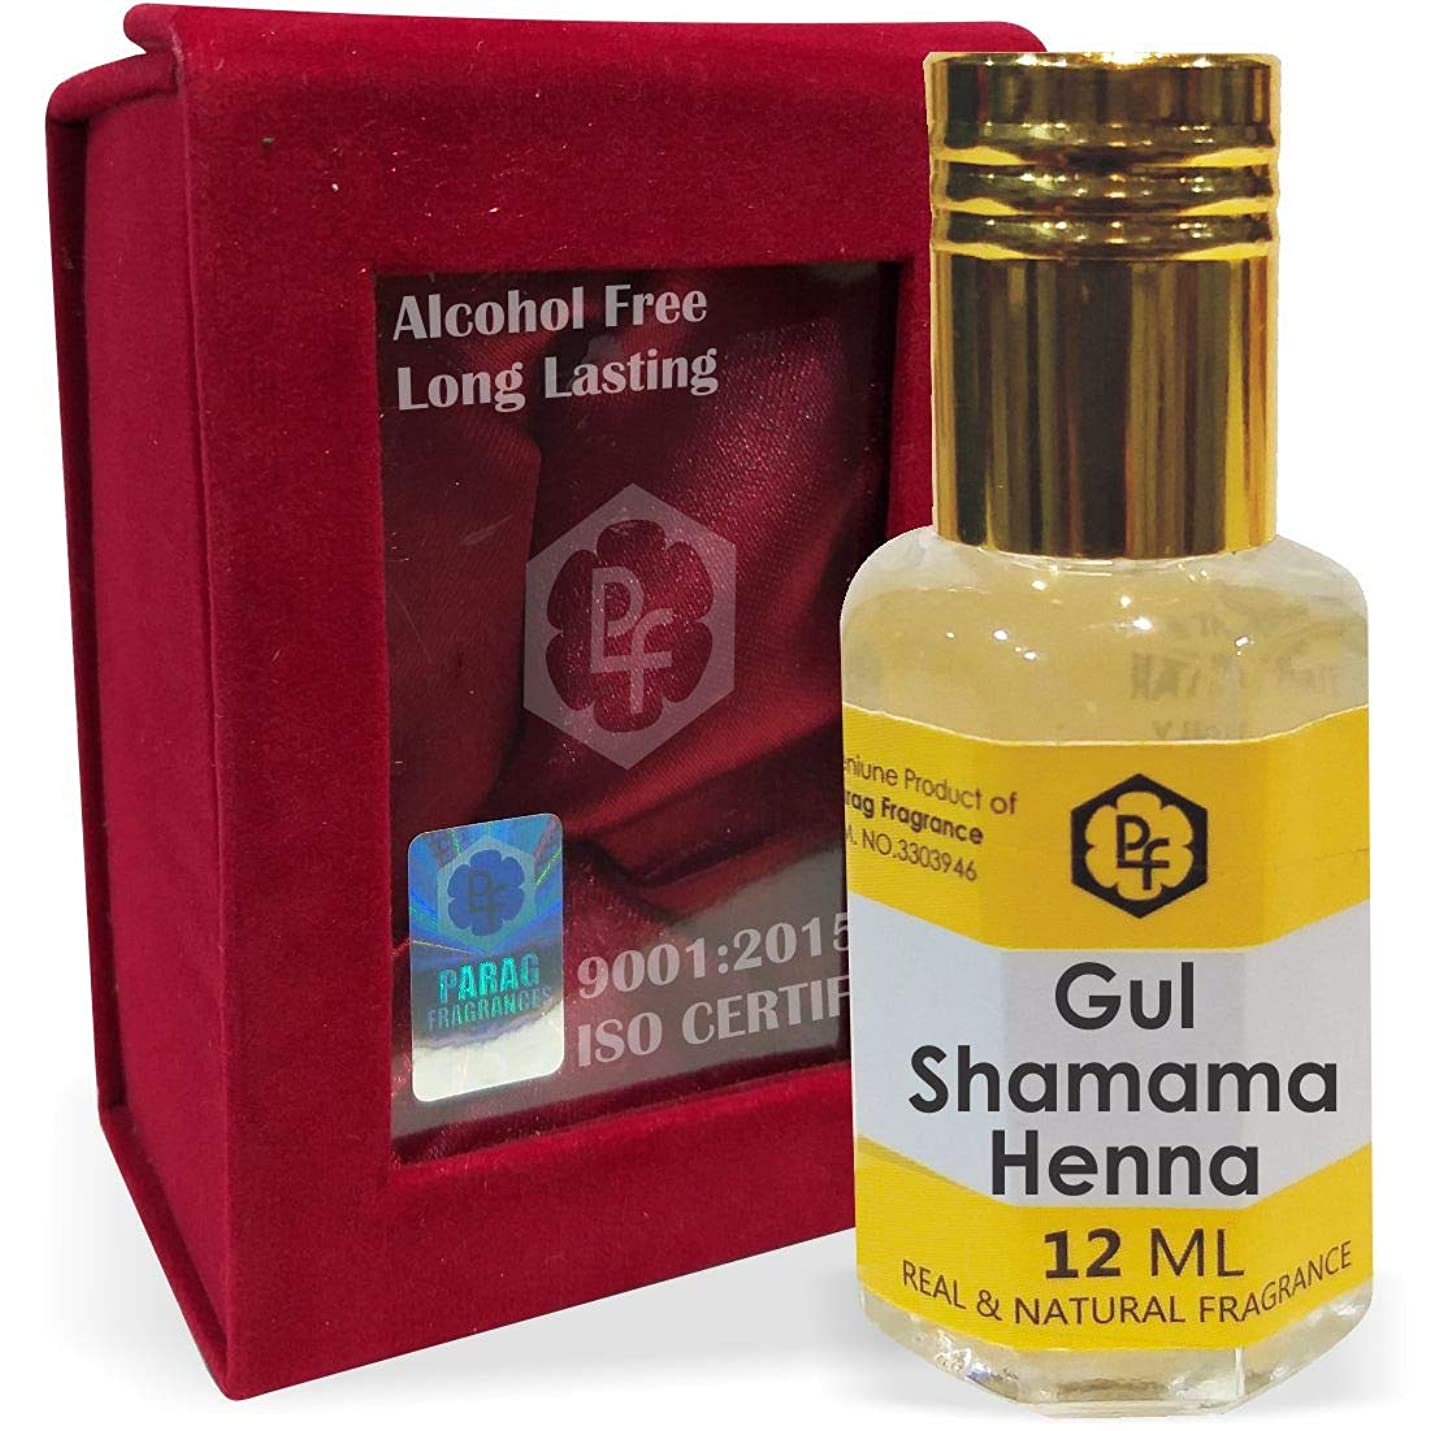 強度ギャングスター鈍いParagフレグランスギュルShamamaヘナ手作りベルベットボックス12ミリリットルアター/香水(インドの伝統的なBhapka処理方法により、インド製)オイル/フレグランスオイル|長持ちアターITRA最高の品質